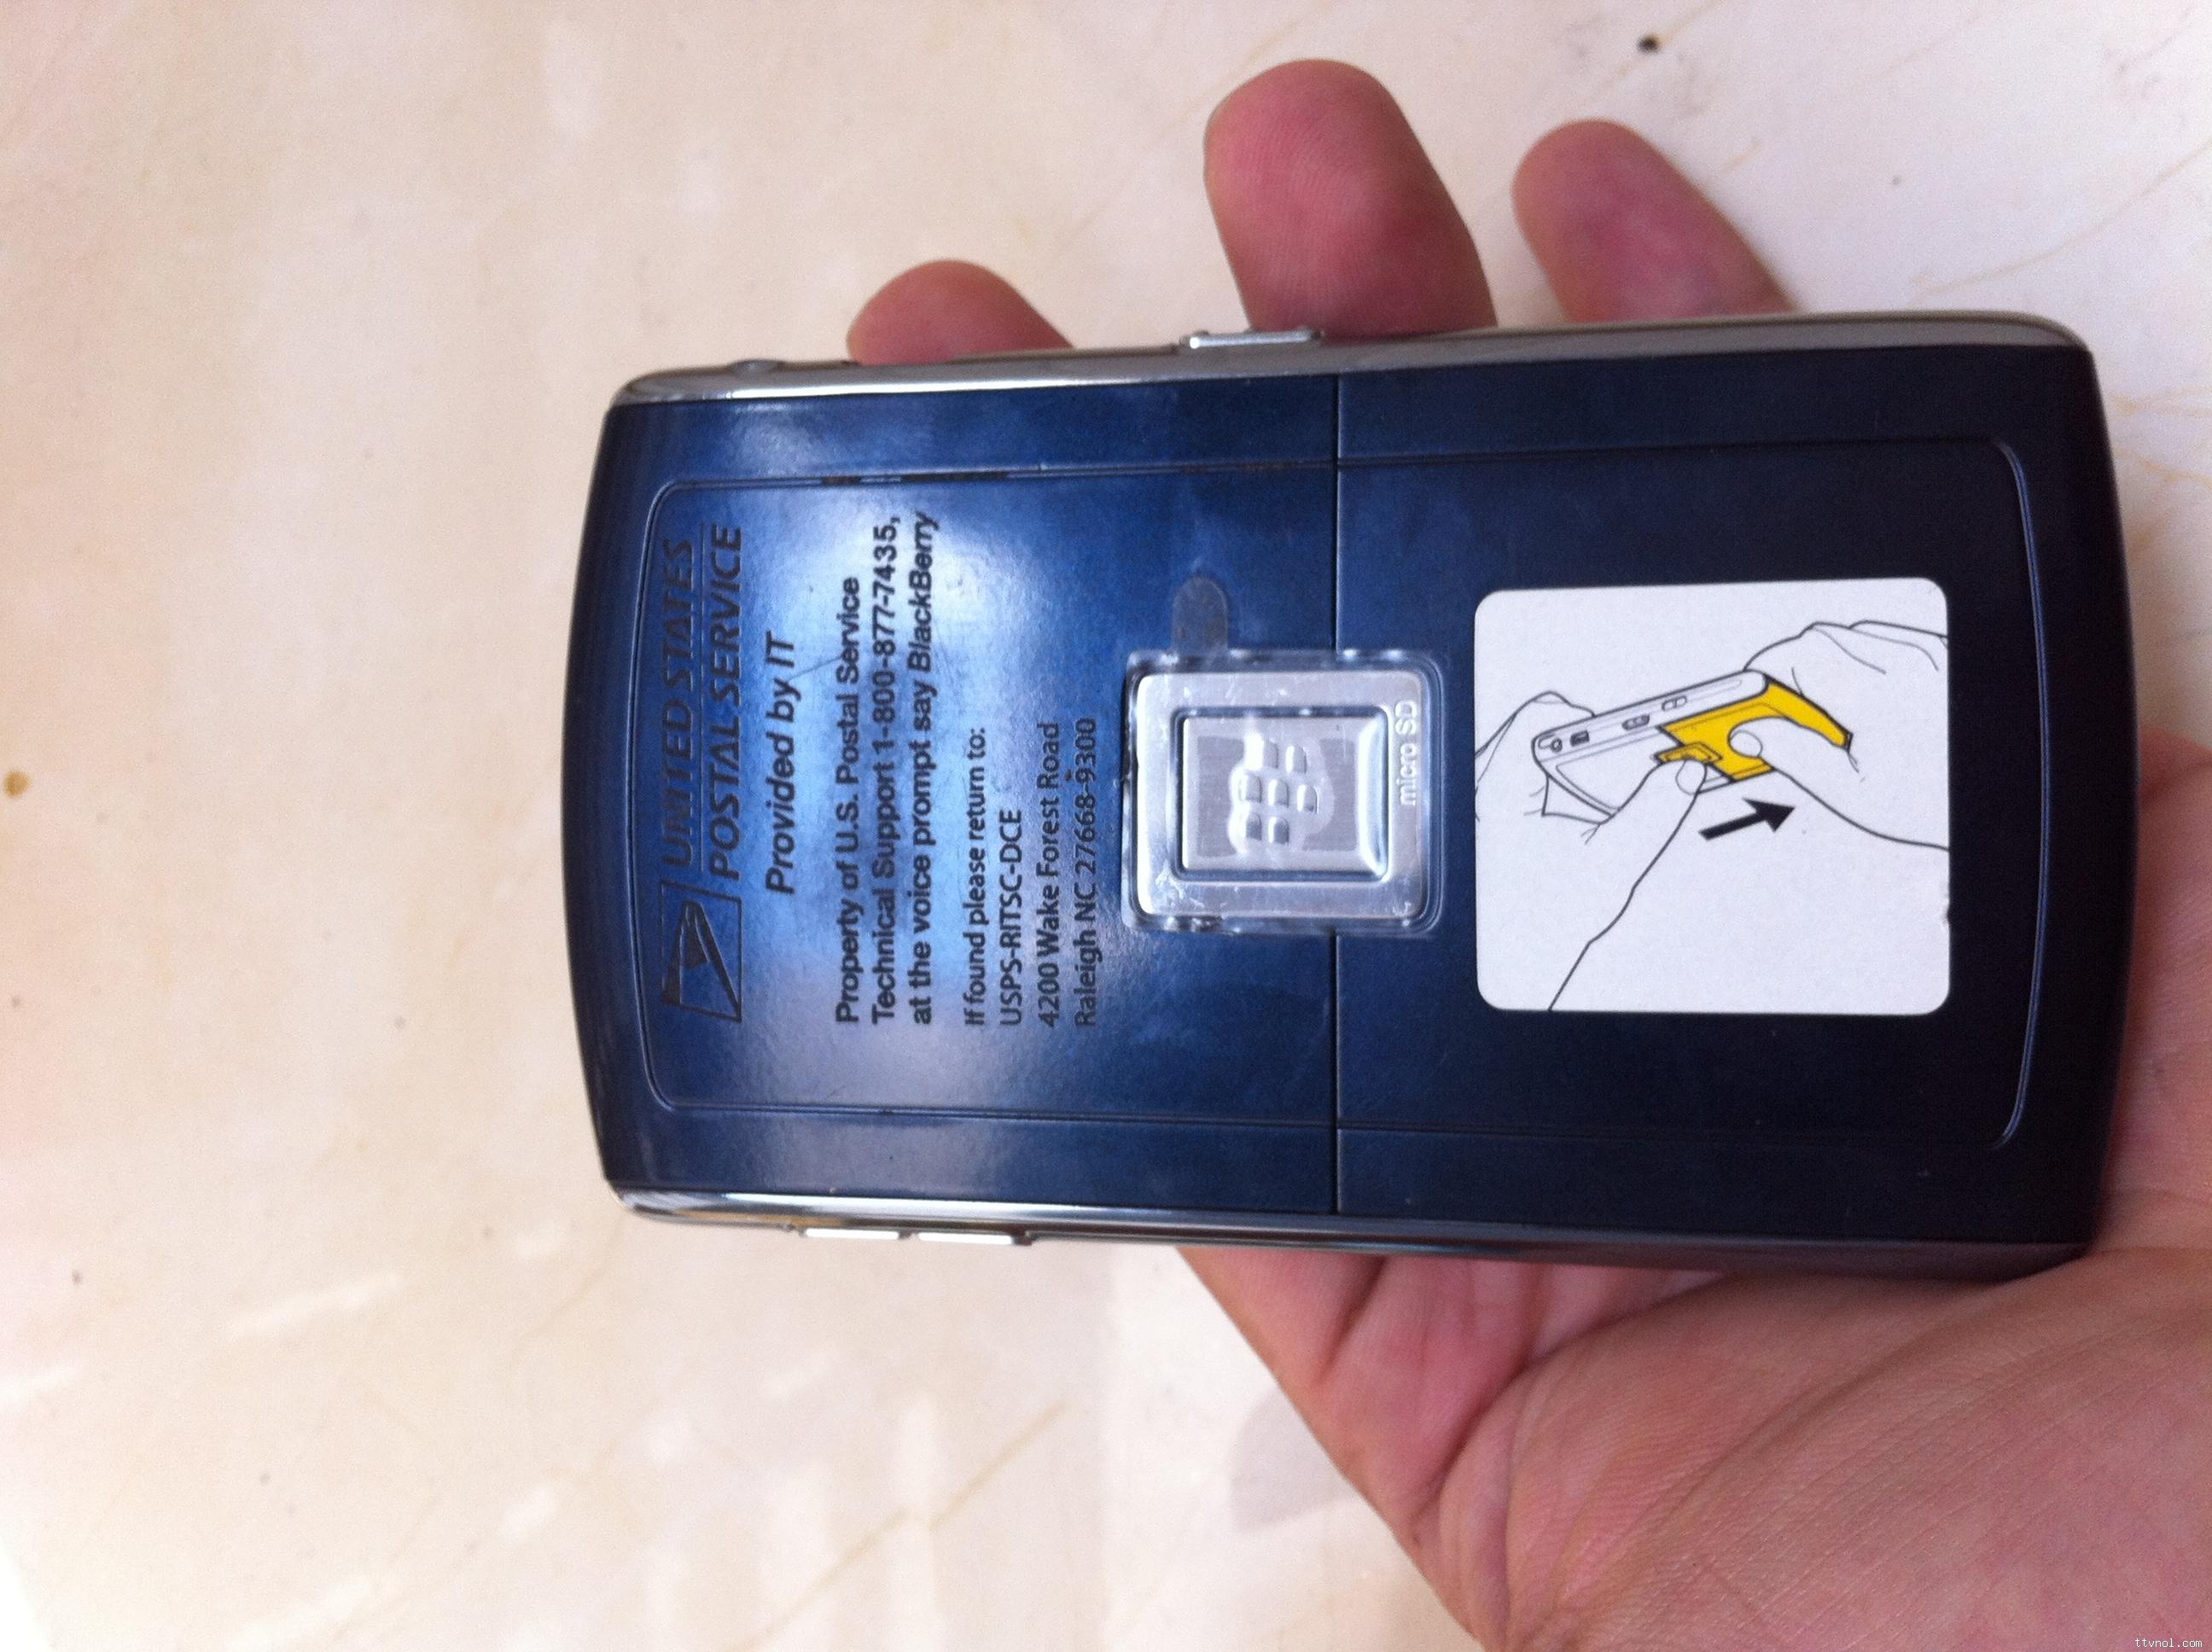 Tungon blackberry.sky a840, 830, 820, 810, 800, 770, 760, lte1, galaxy s giá tốt phục vụ ae